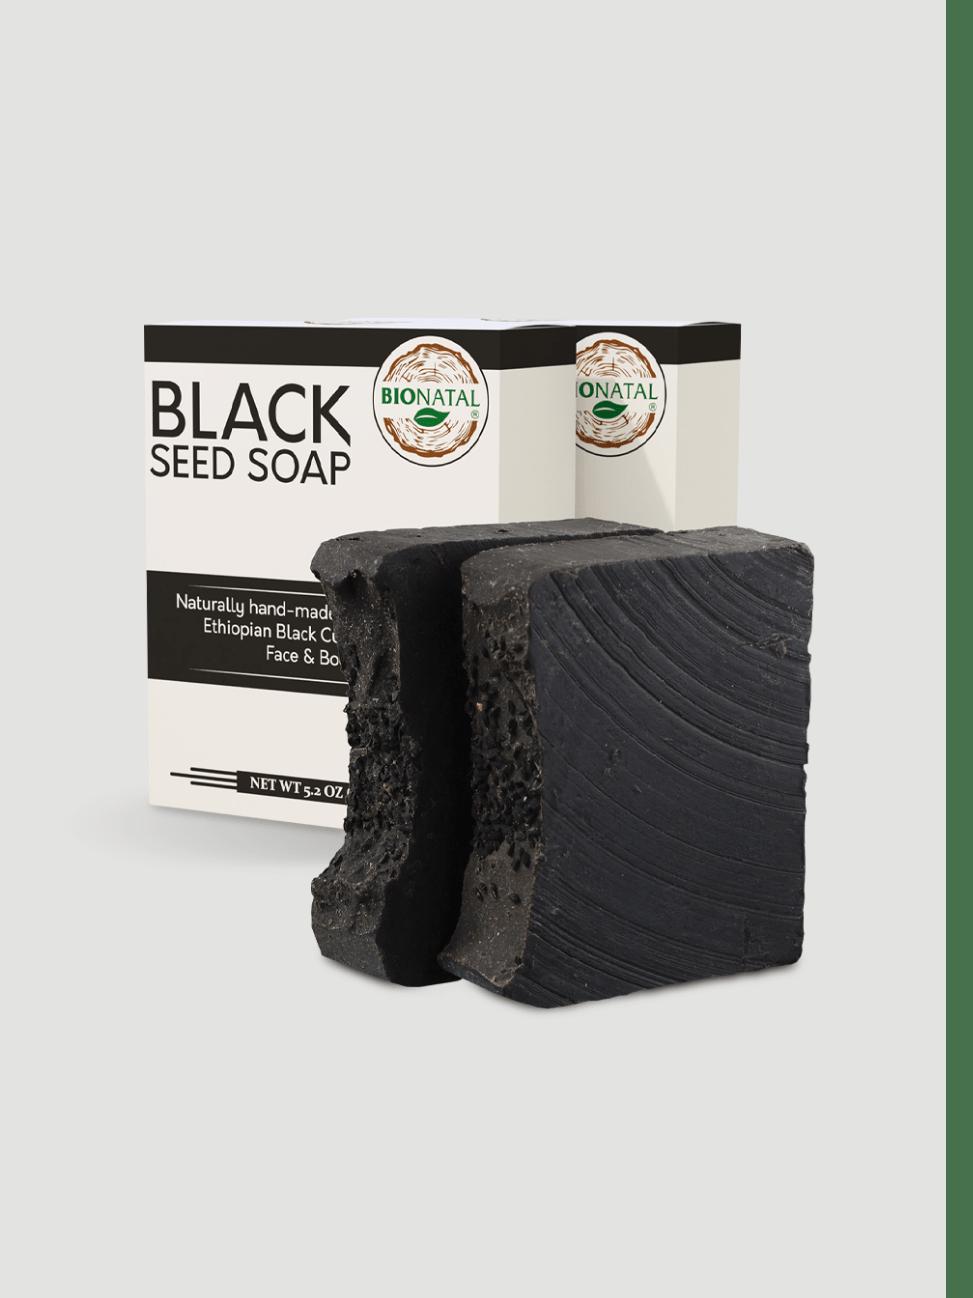 2 Black Seed Soaps (Ethiopian Seeds)